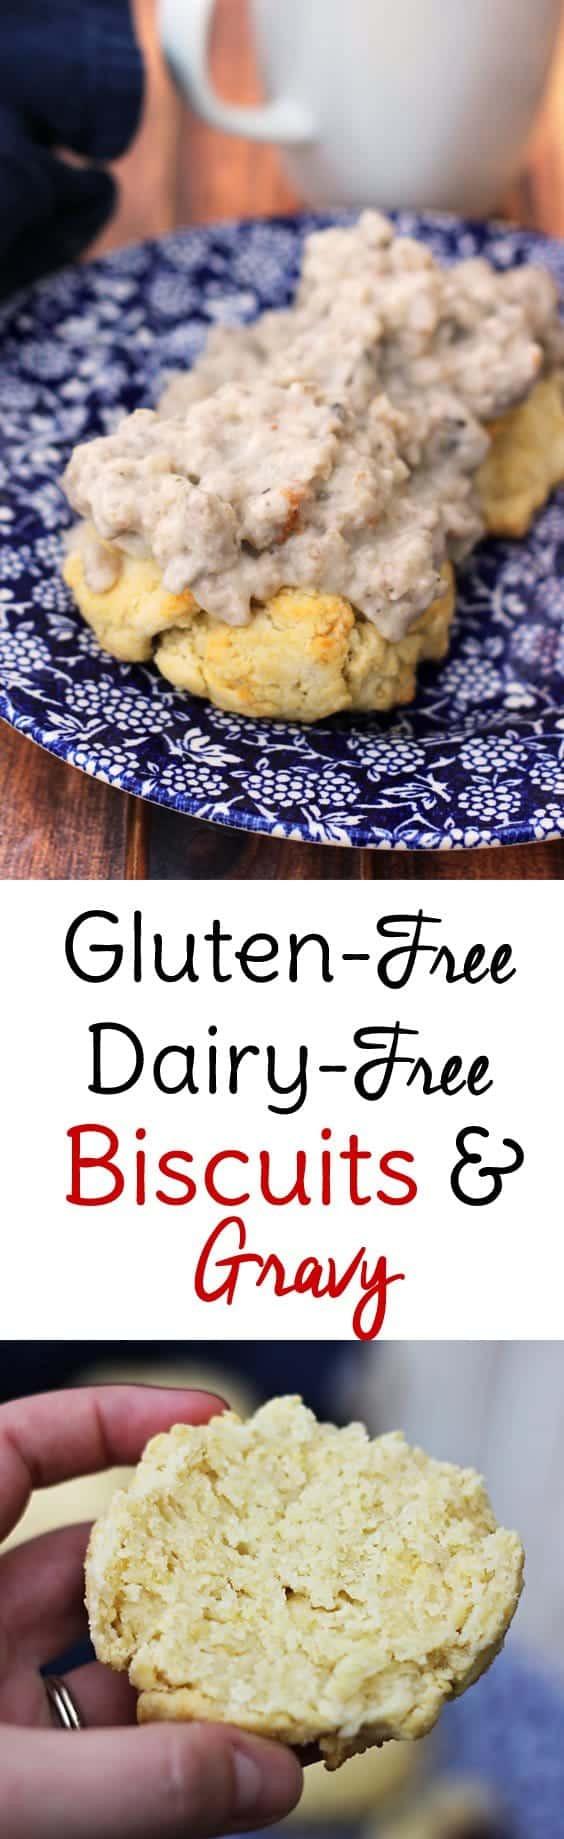 Gluten Free Dairy Free Gravy  Gluten Free Biscuits and Gravy Recipe